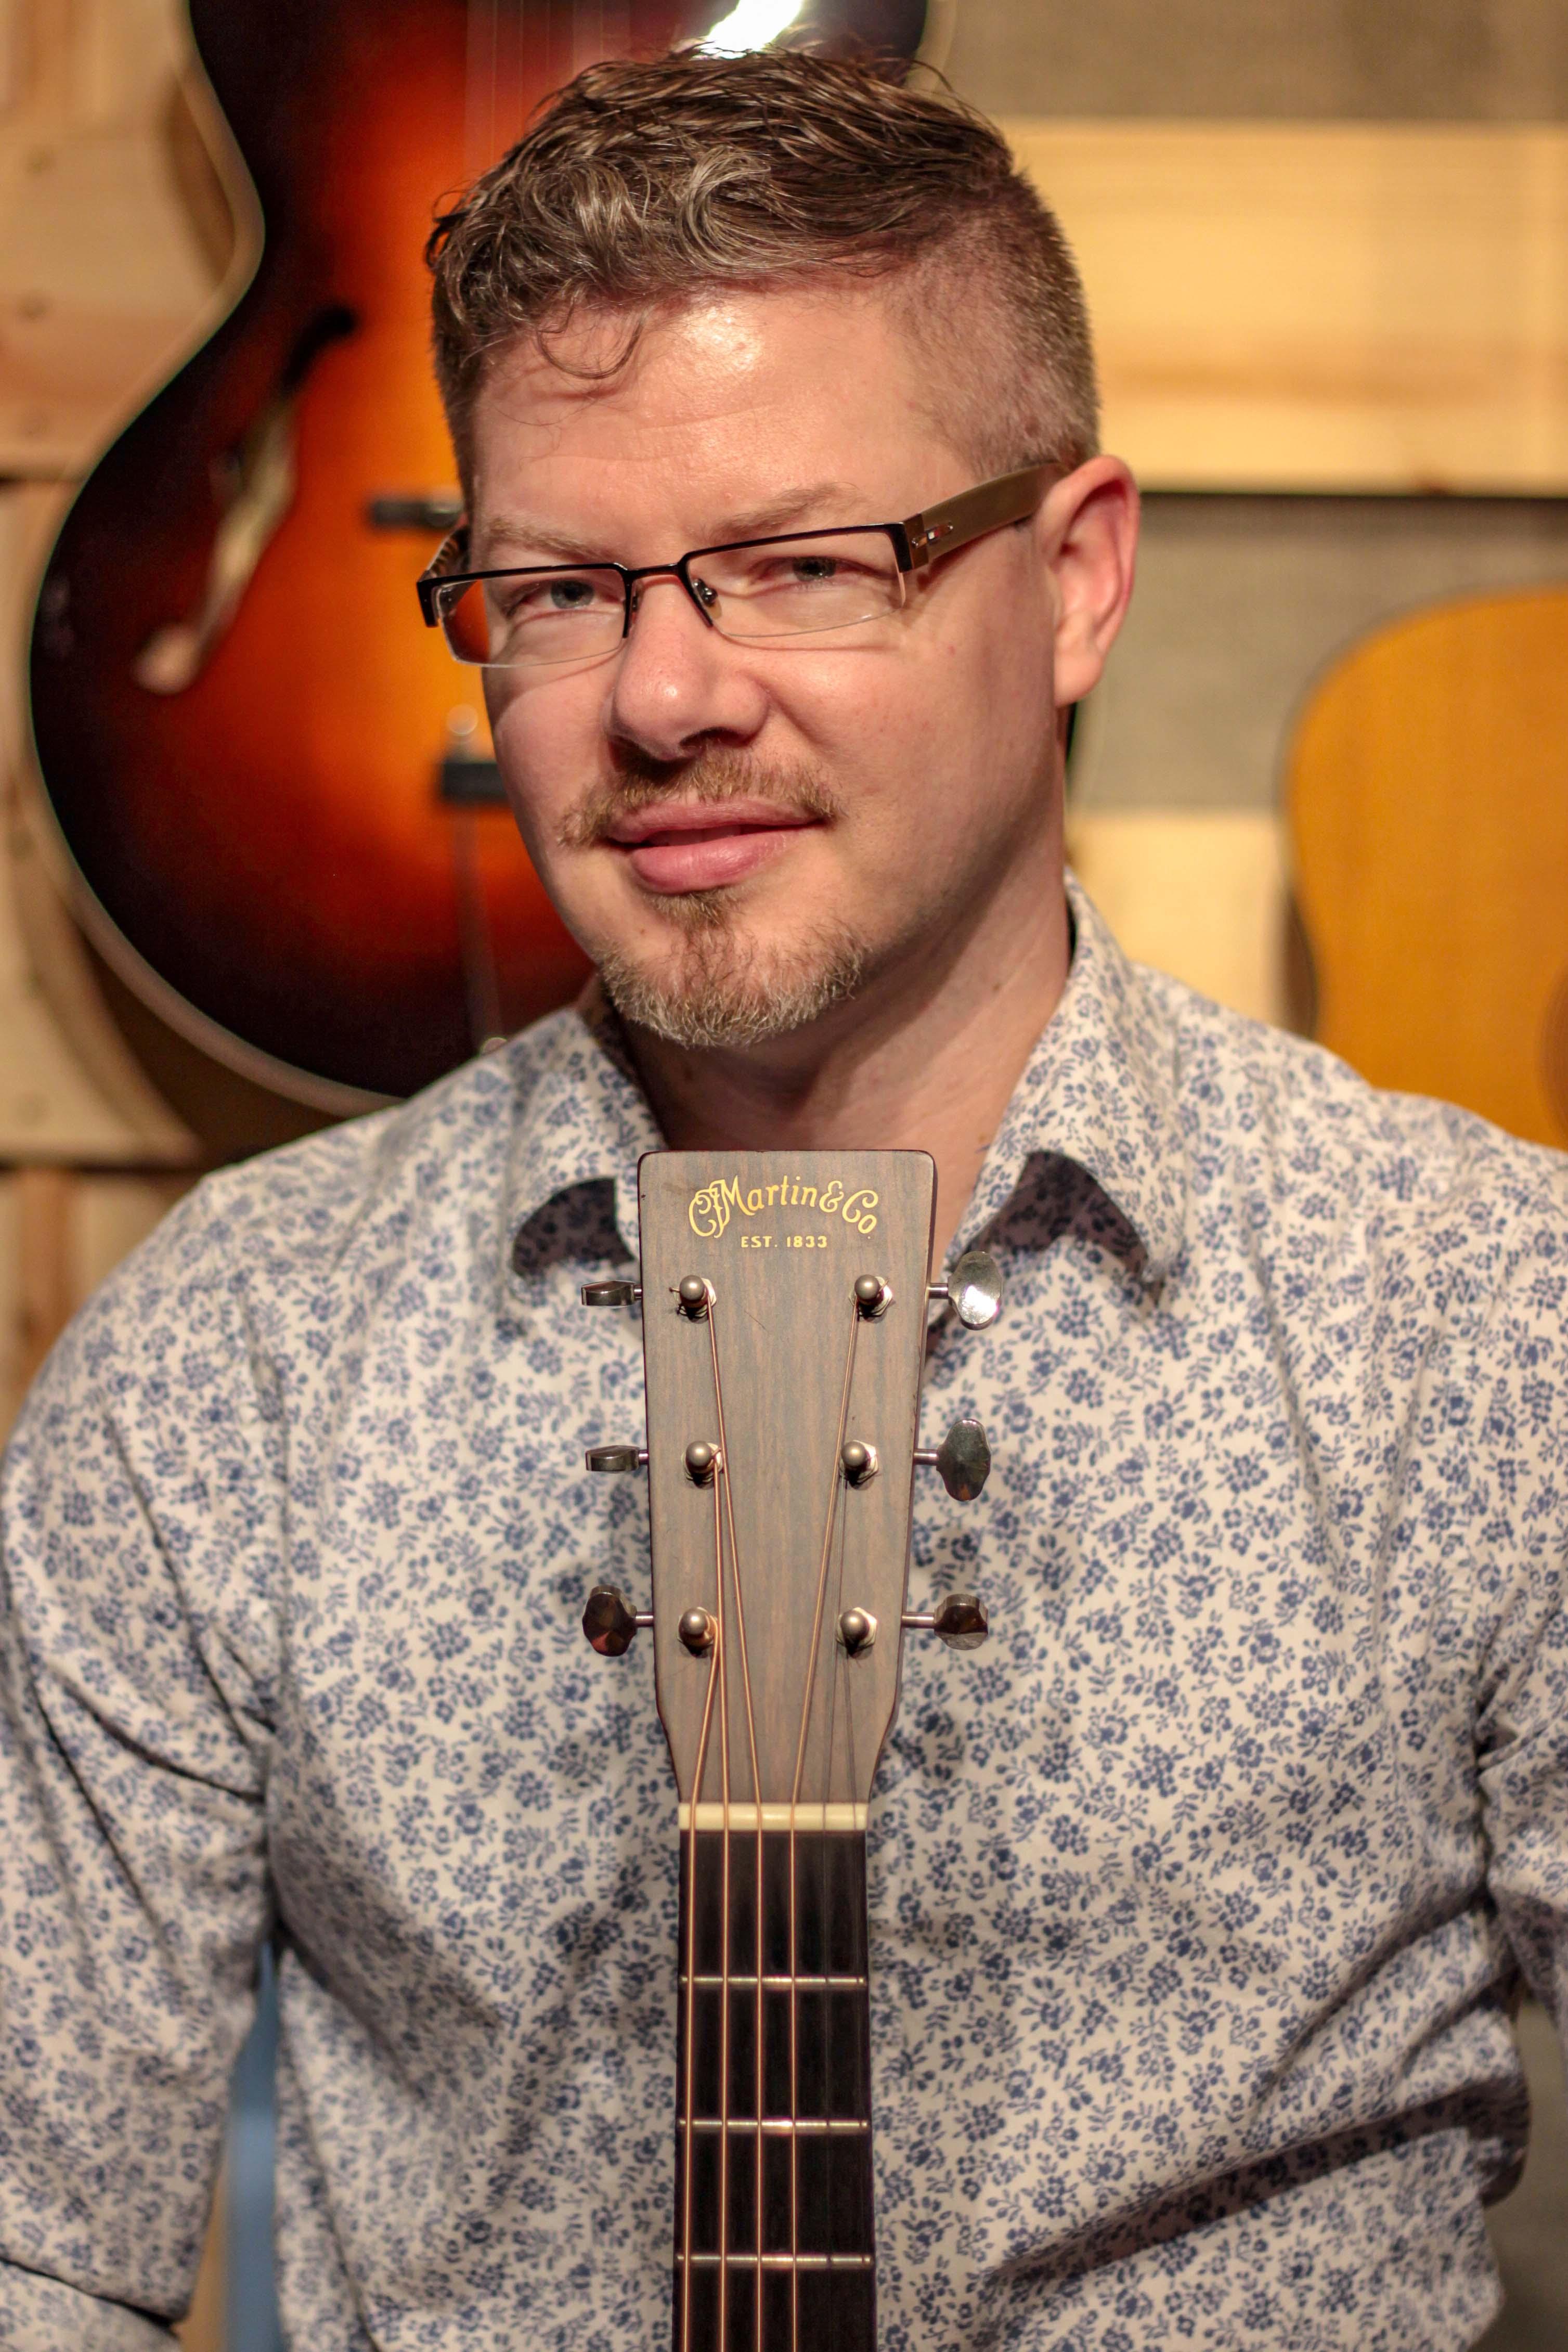 Mike Cramer